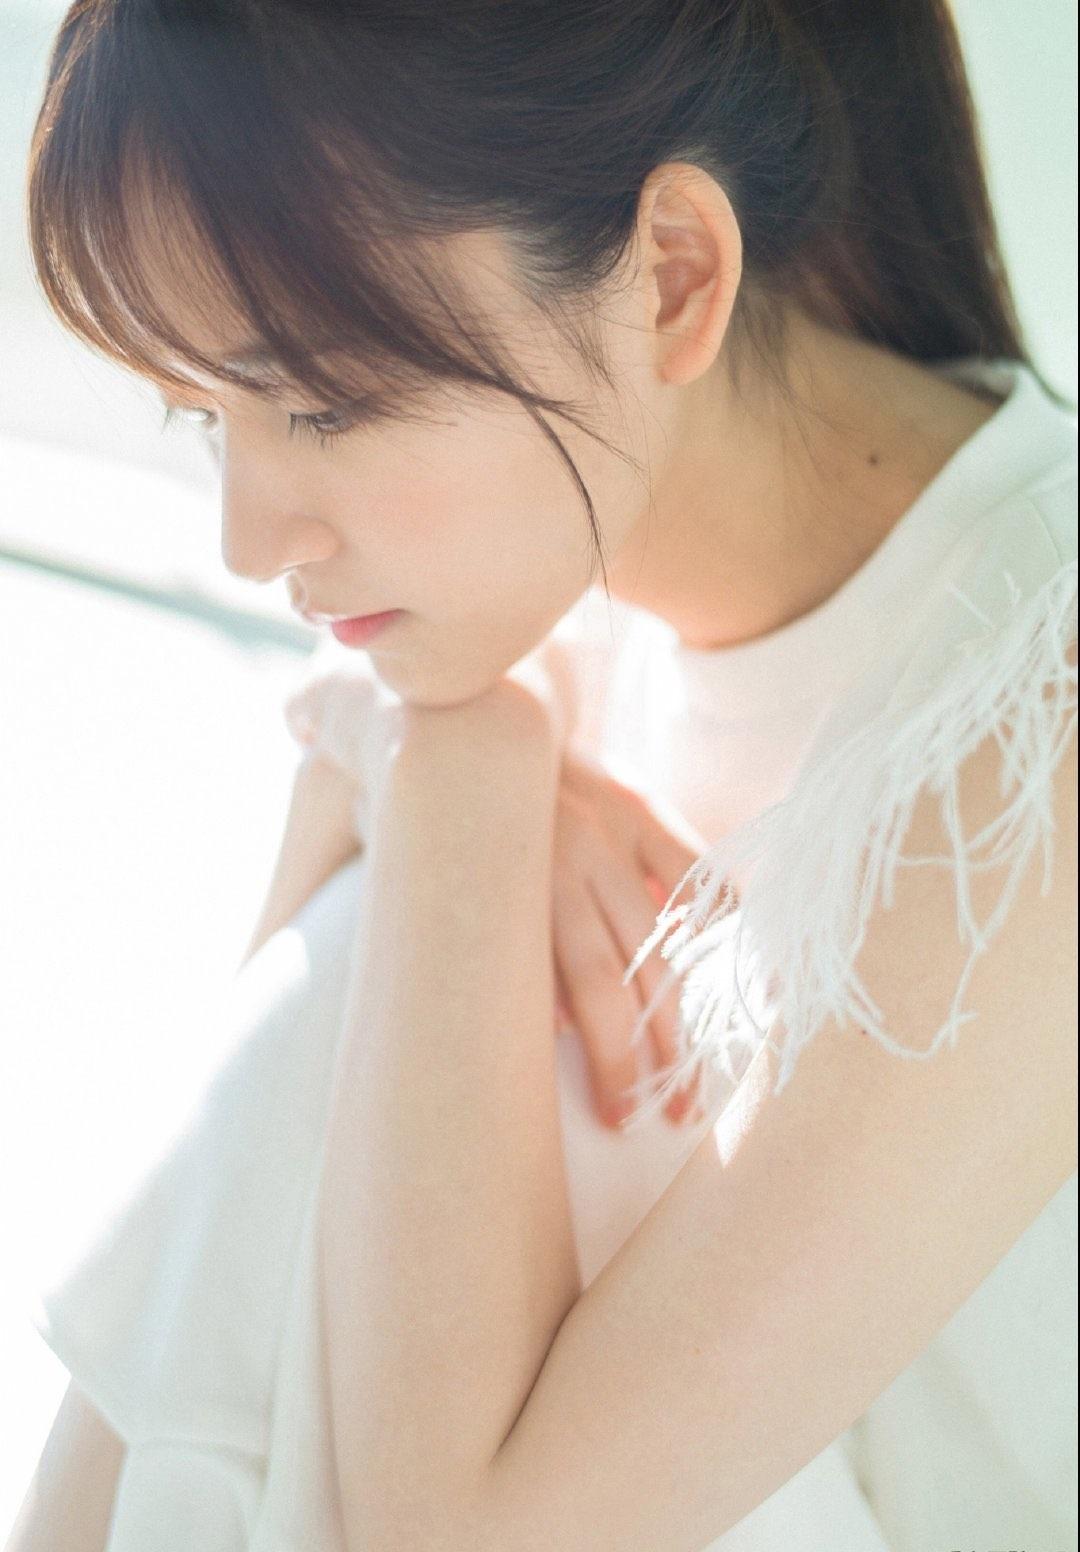 金川纱耶 网络美女 第6张